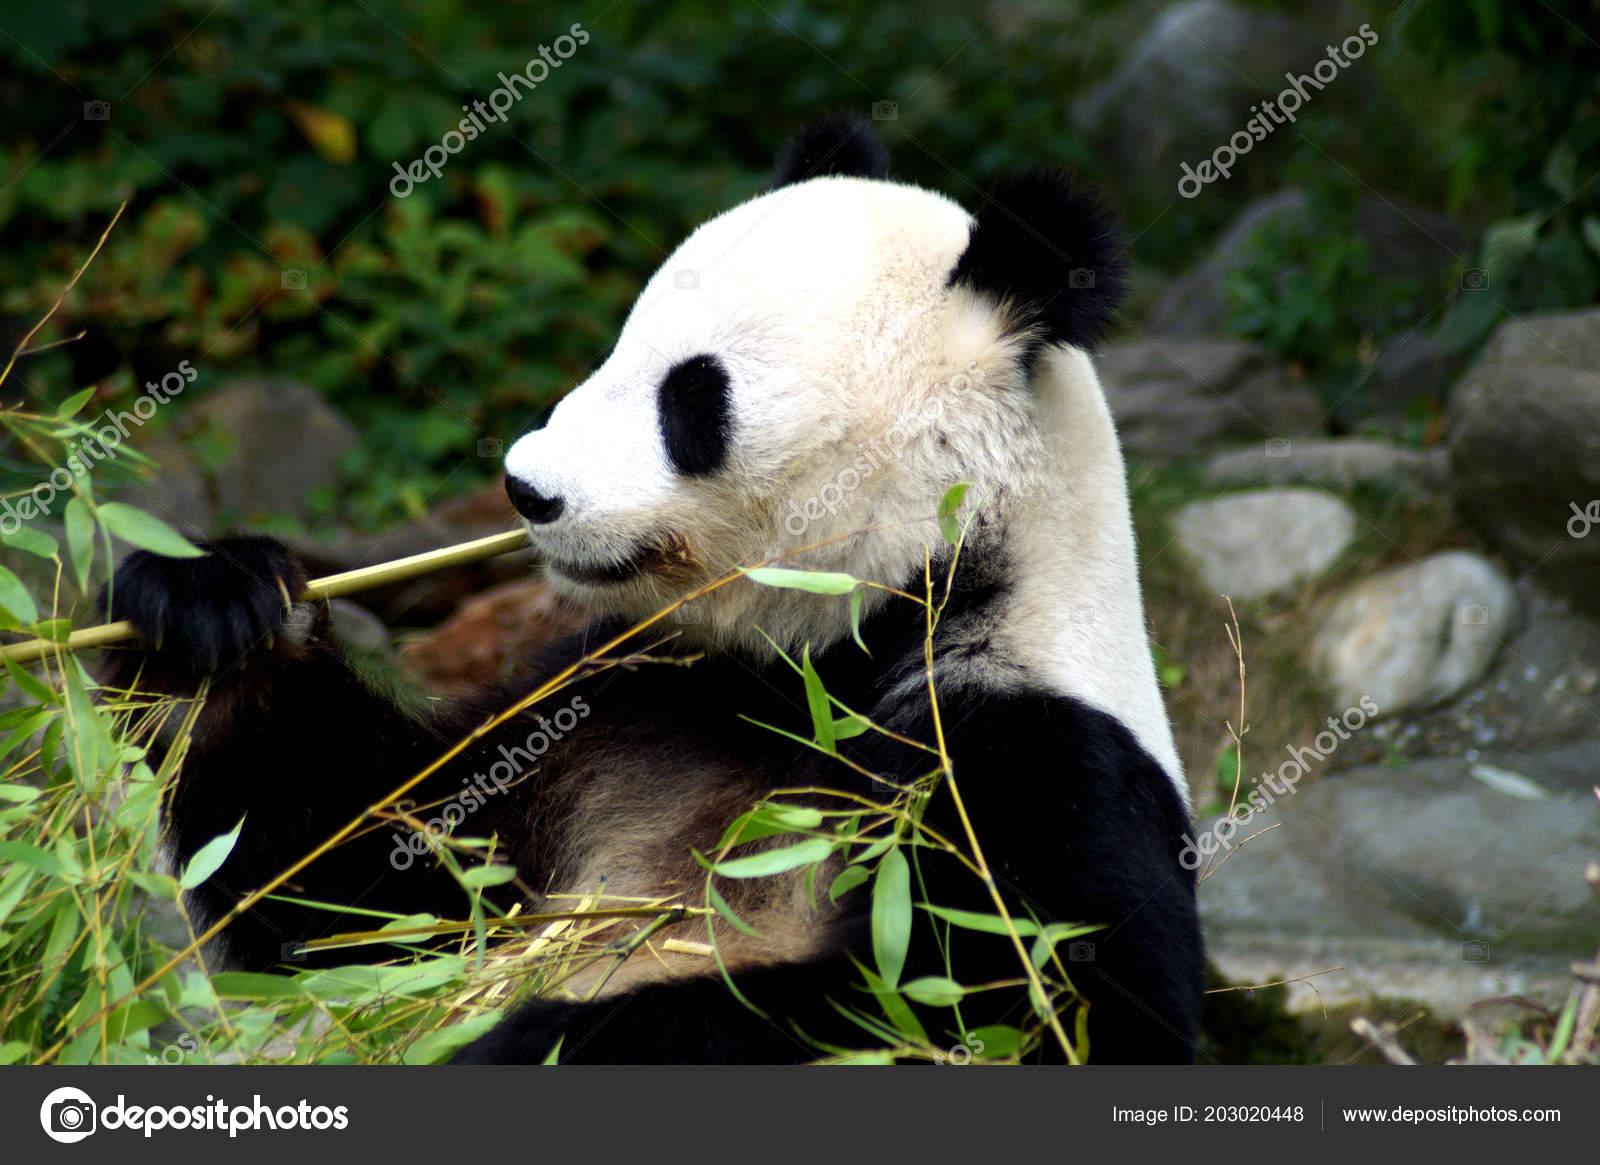 Groer Pandabr Beim Bambus Essen Stockfoto C Spiderwoman81 203020448